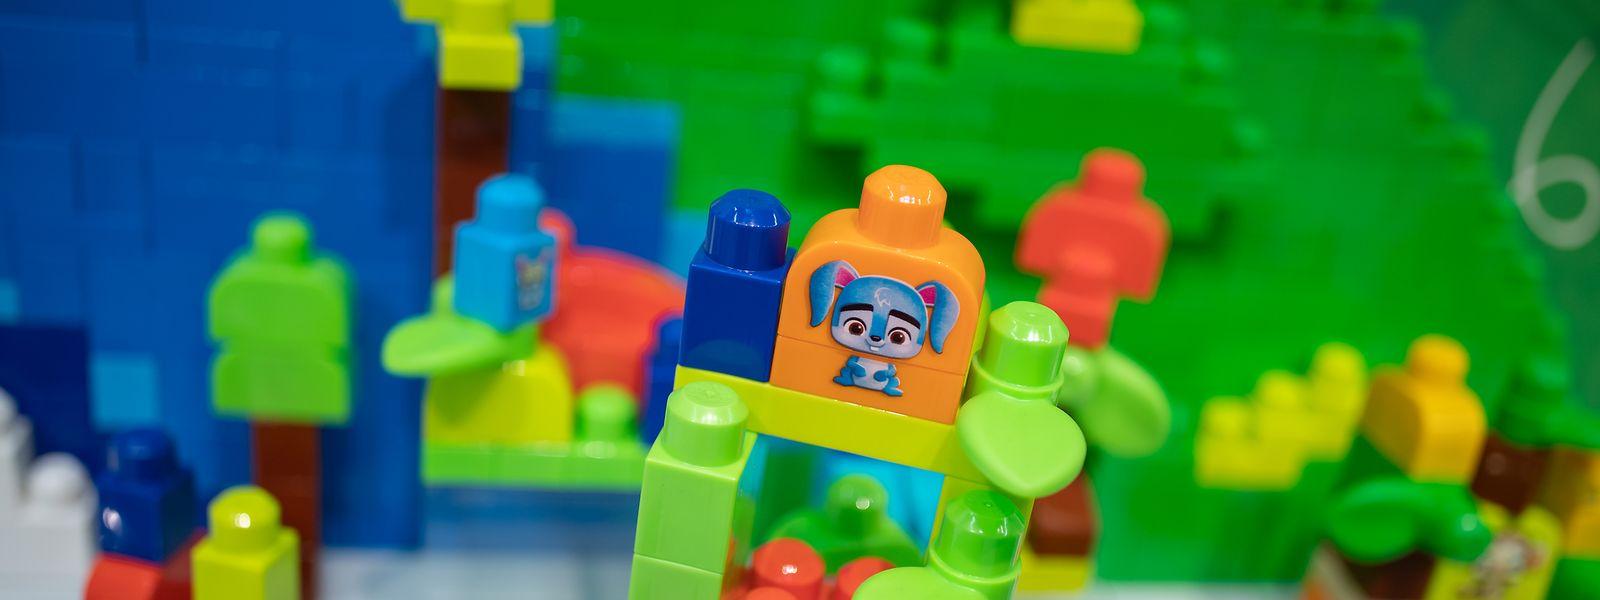 Die Bausteine sorgen für Spass - aber nur, wenn das Kind dadurch keiner Gefahr ausgesetzt ist.